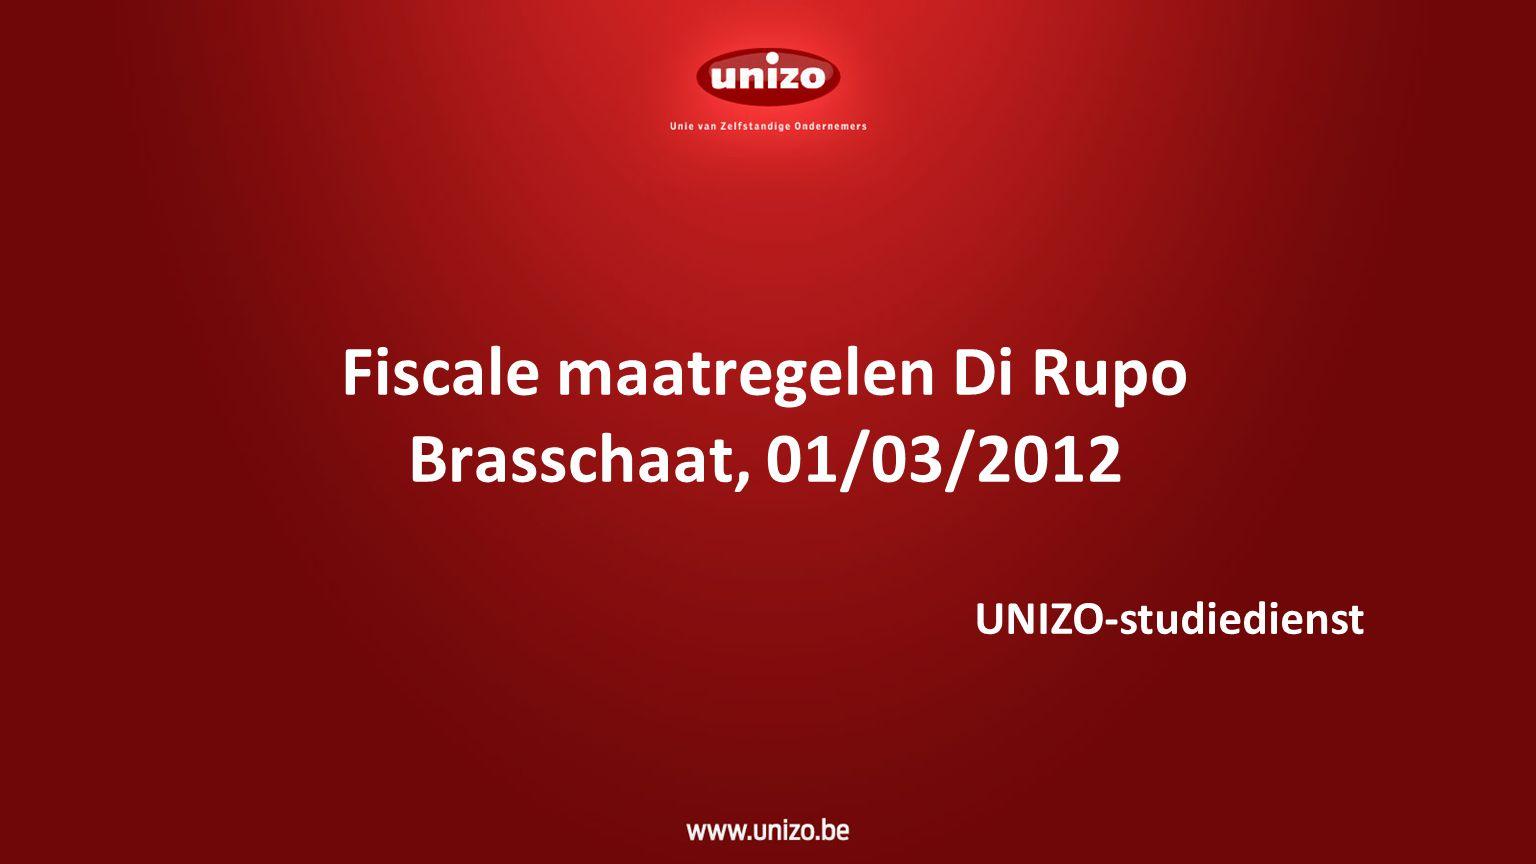 Fiscale maatregelen Di Rupo Brasschaat, 01/03/2012 UNIZO-studiedienst